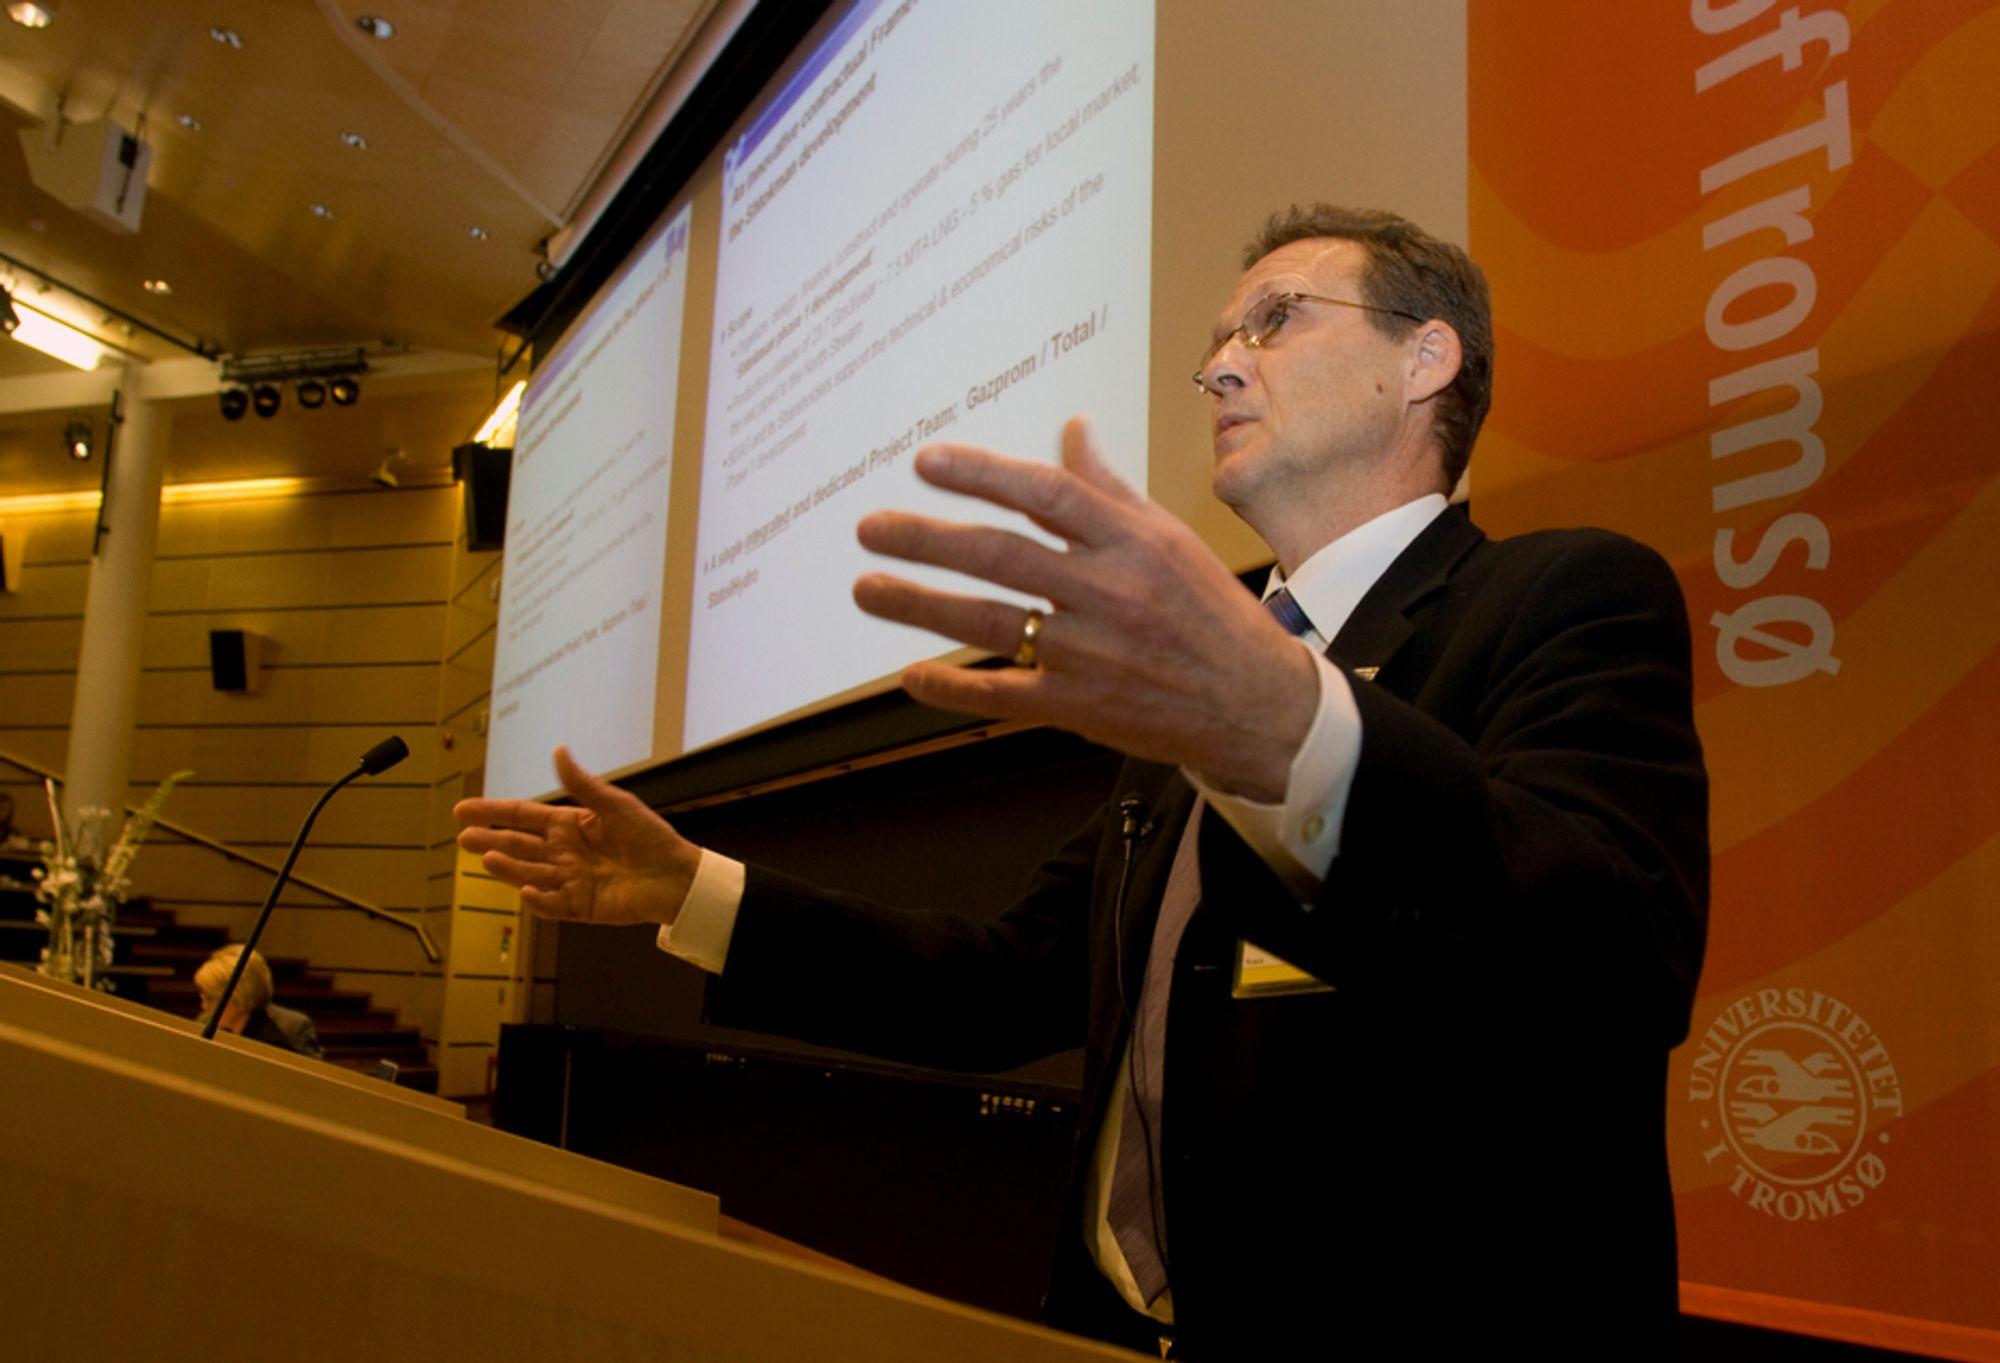 Herve Madeo, som er utbyggingssjef i Shtokman Developement AG, la i Tromsø tirsdag frem status for første utbyggingstrinn av Stockman-feltet. Han avviser spekulasjoner om utsettelser og pengetørke.